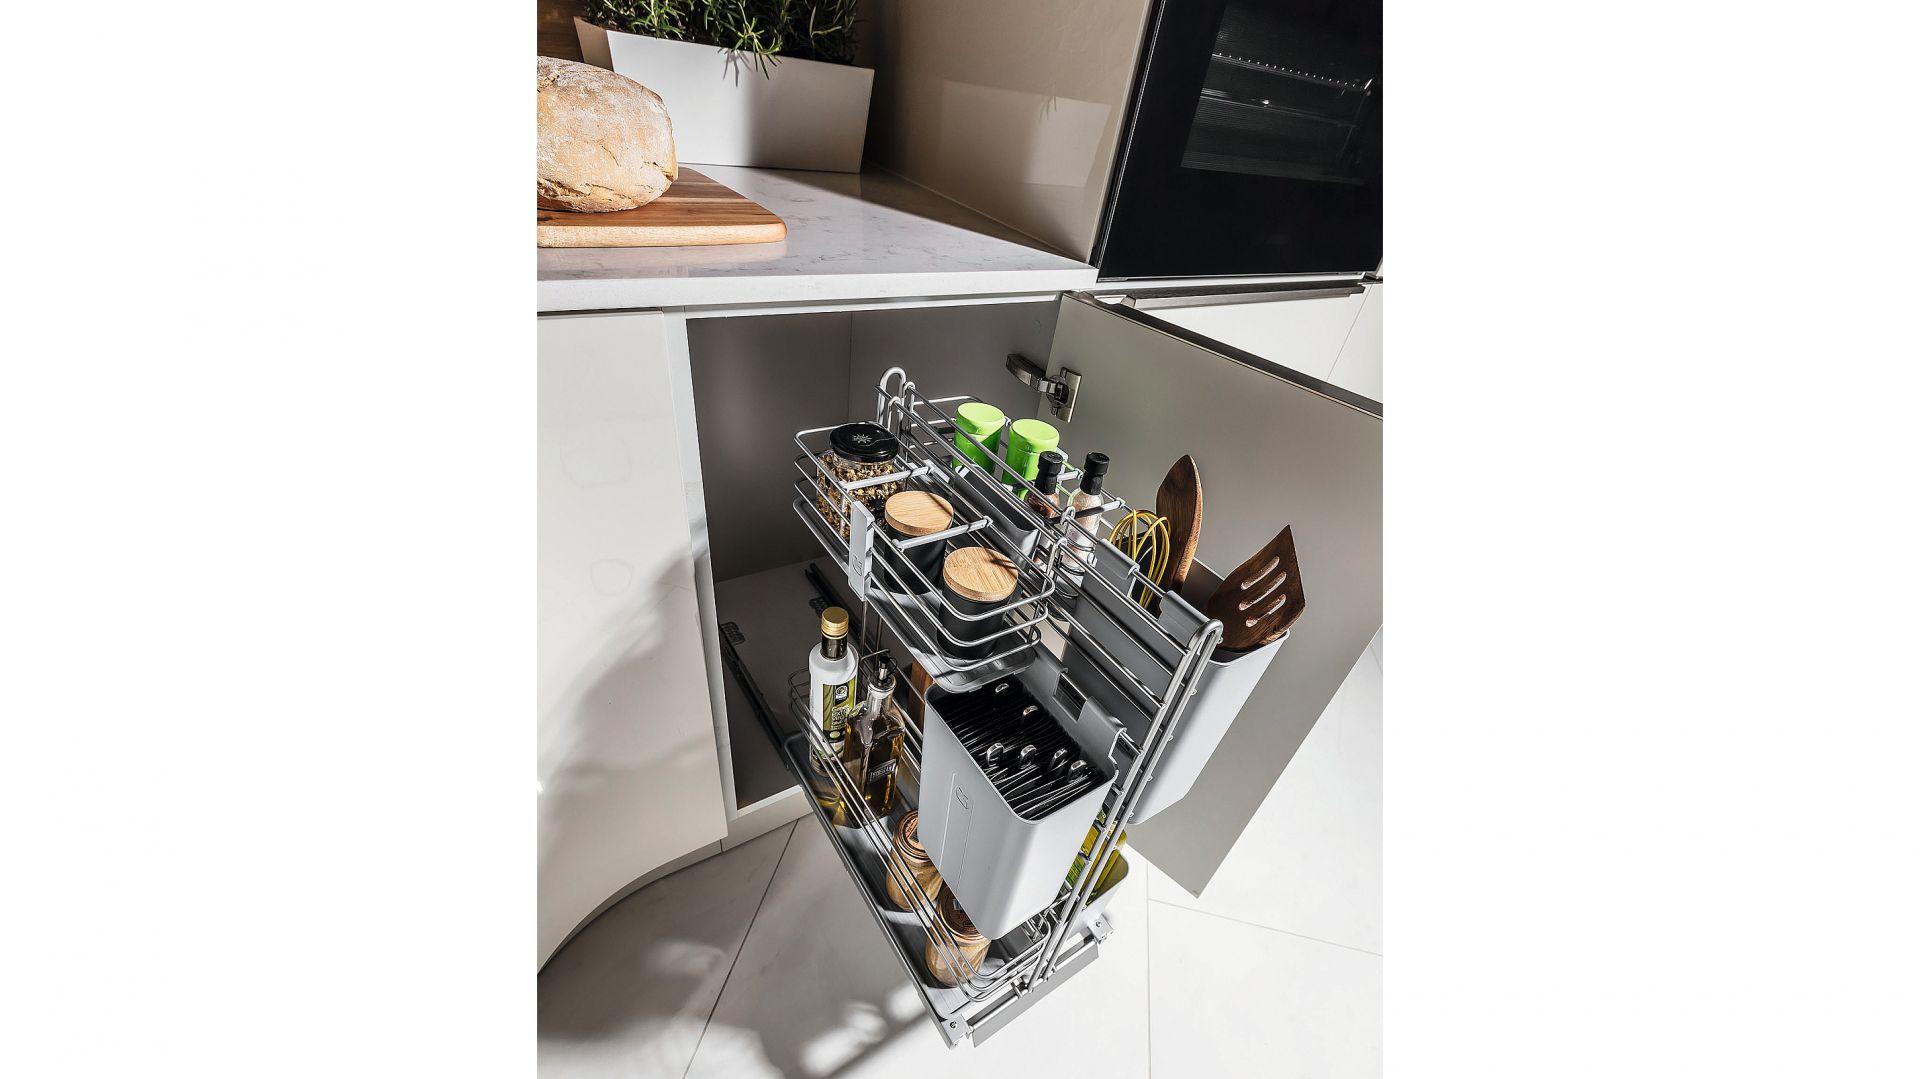 Cooking Agent – system podblatowy oferujący szereg praktycznych koszyków, pojemników i przegródek, które możemy rozmieszczać stosownie do bieżących potrzeb. Może być mocowany do frontu szafki lub do szafki z frontem na zawiasach. Fot. Peka